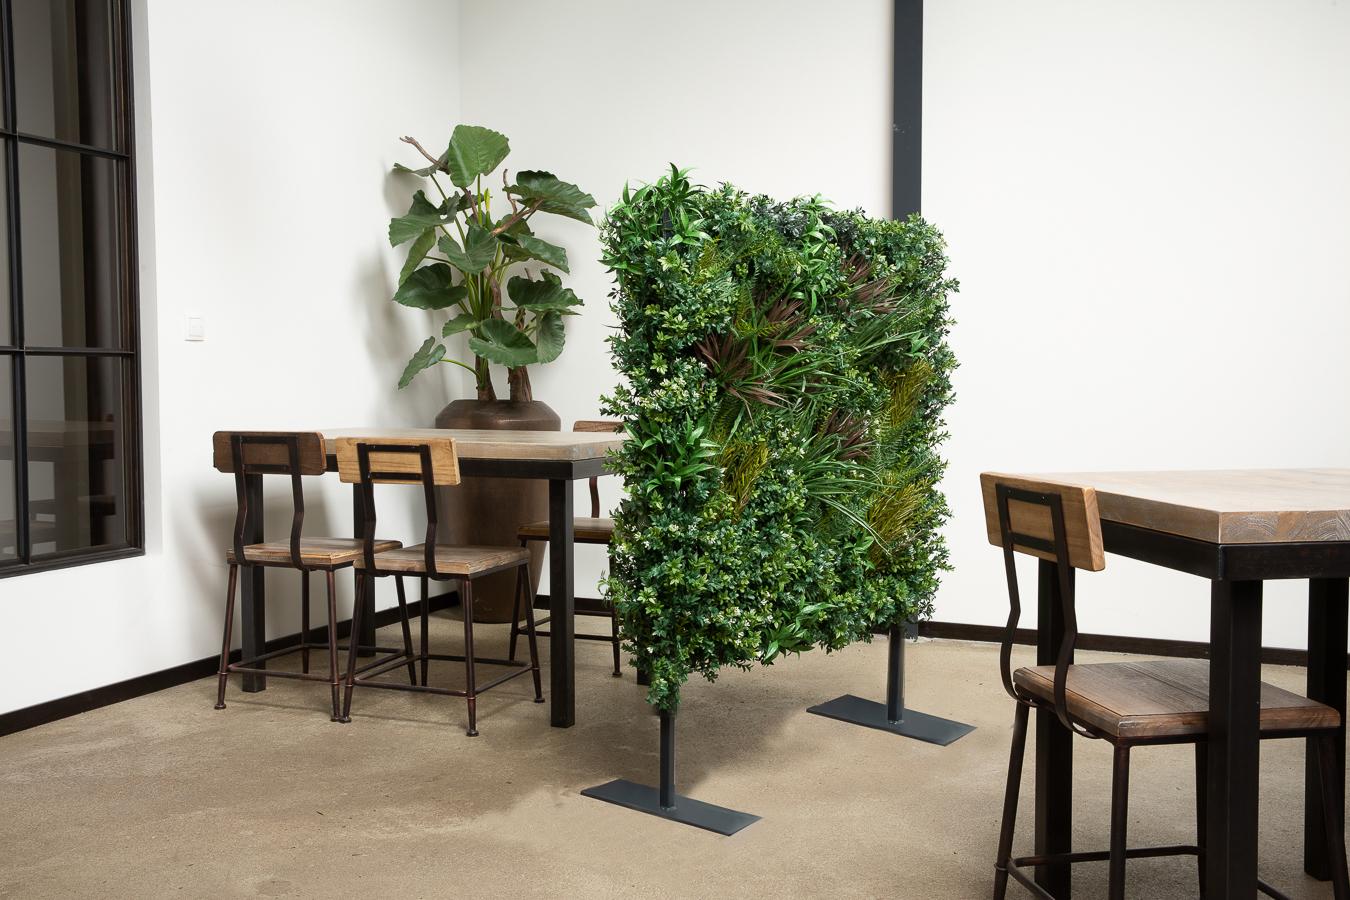 Raumteiler, Ansteckungsschutz, künstliche Pflanzen, Innenbereich, Außenbereich, Outdoor, Raumtrenner